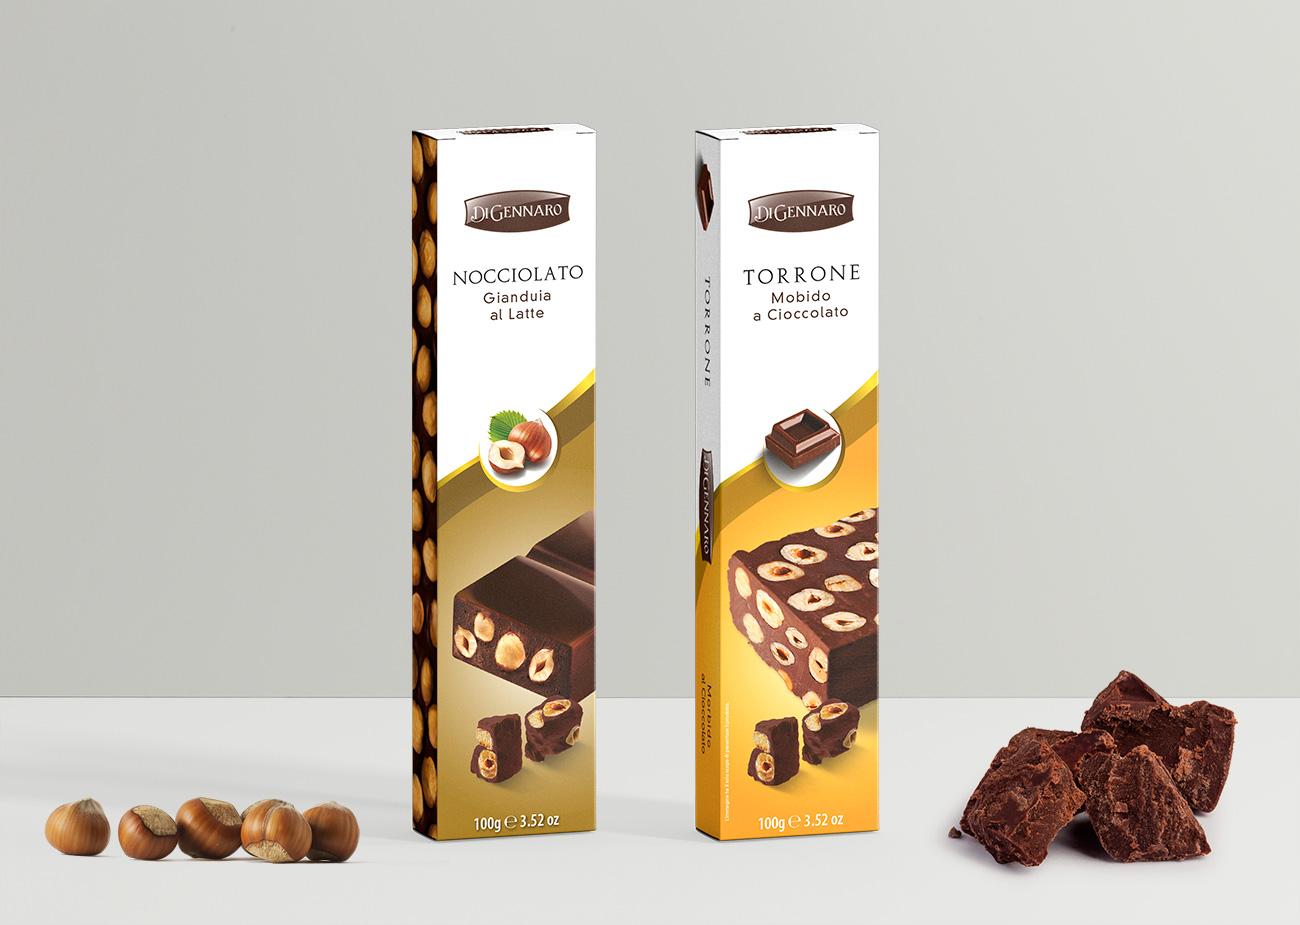 progettazione grafica etichetta packaging design di gennaro avellino